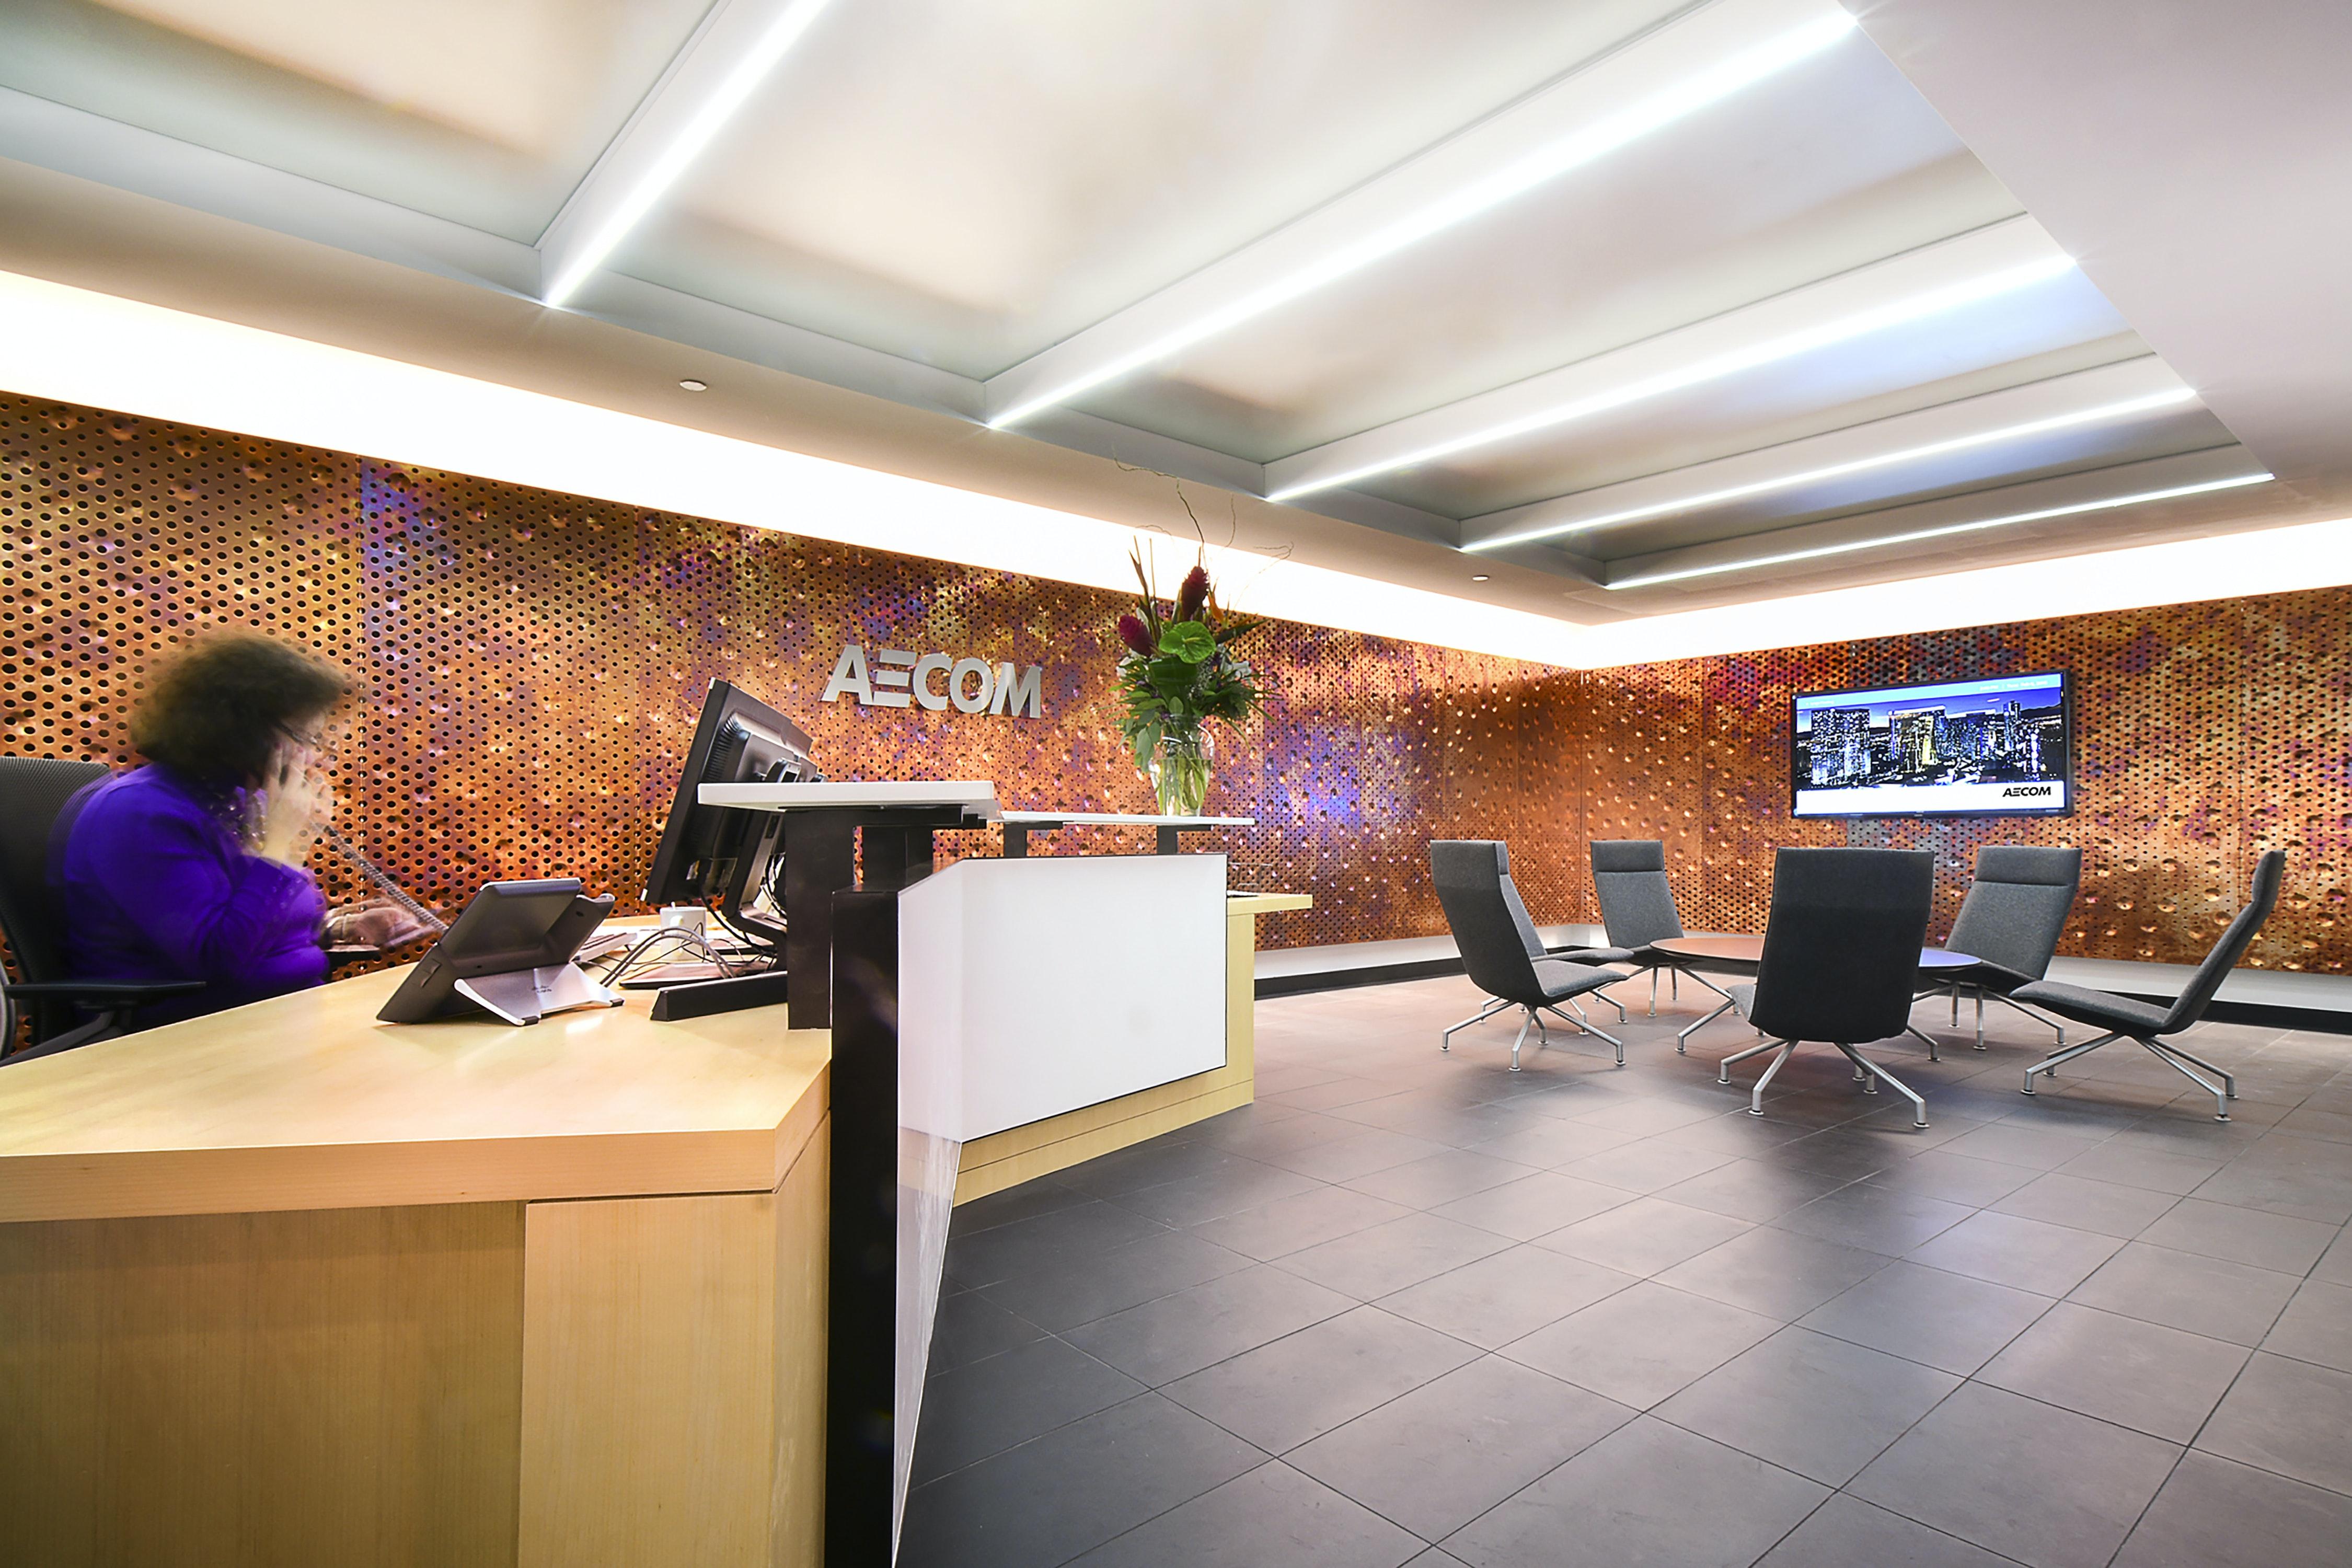 AECOM Office Interior | Zahner